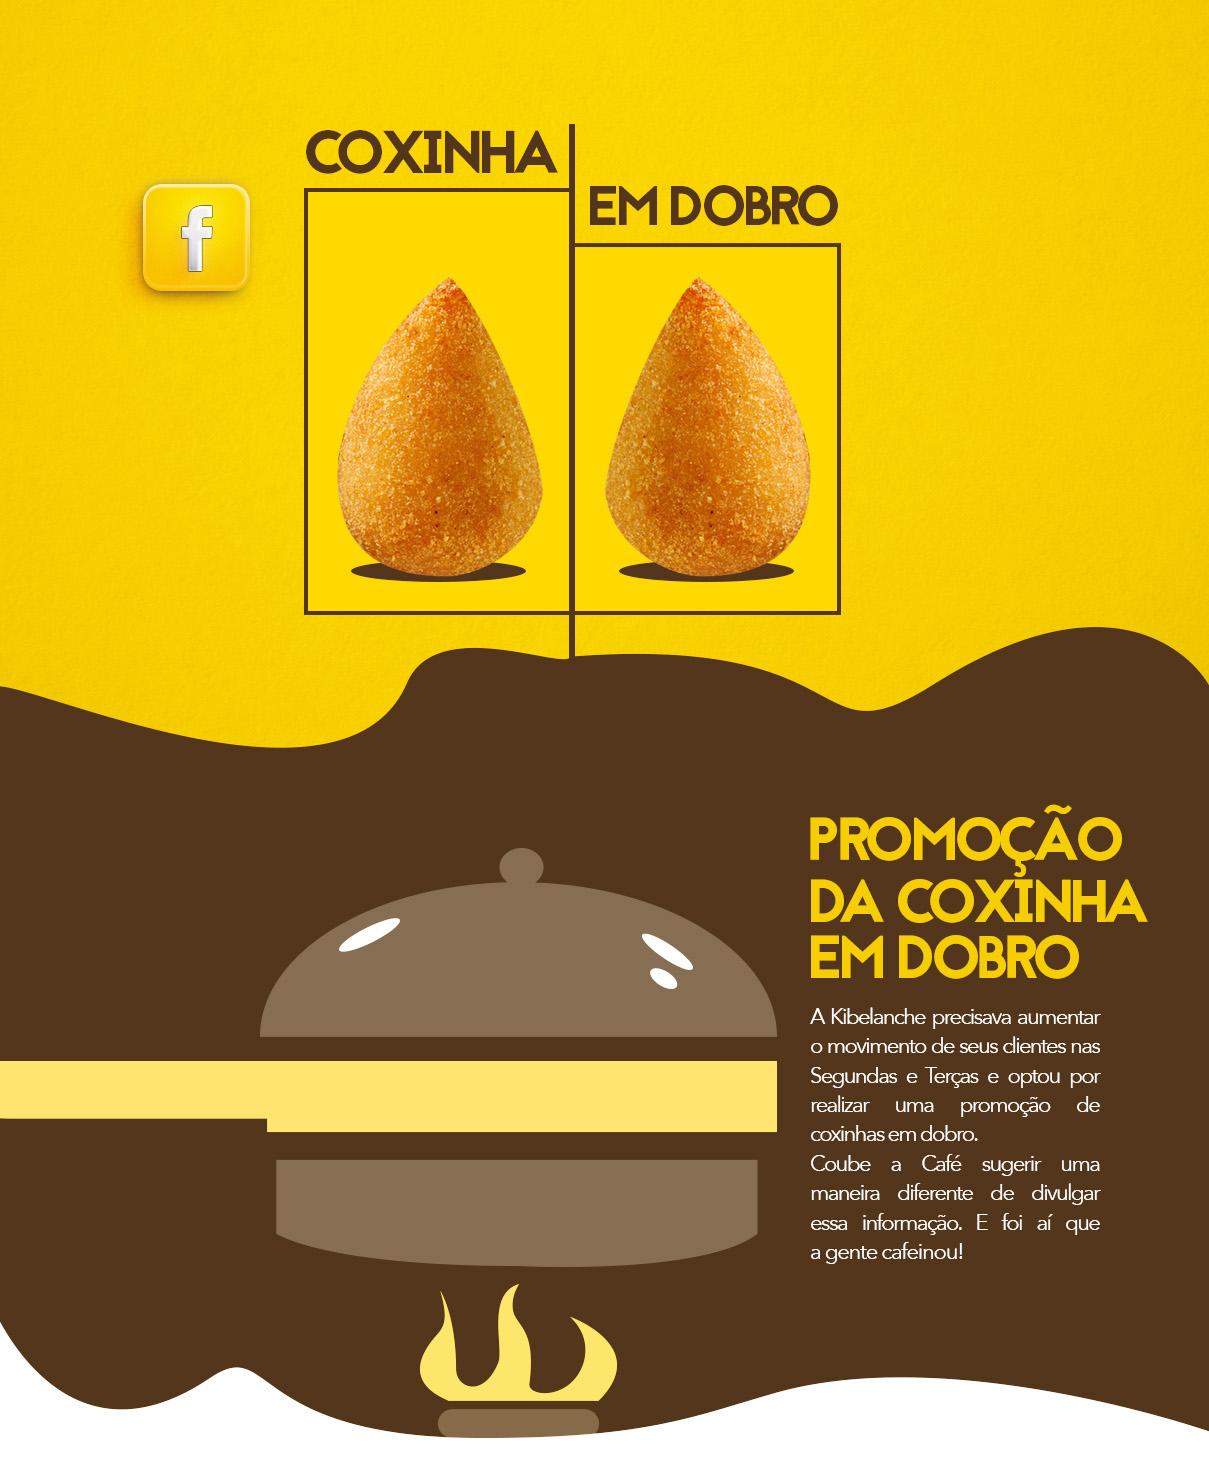 COXINHA EM DOBRO